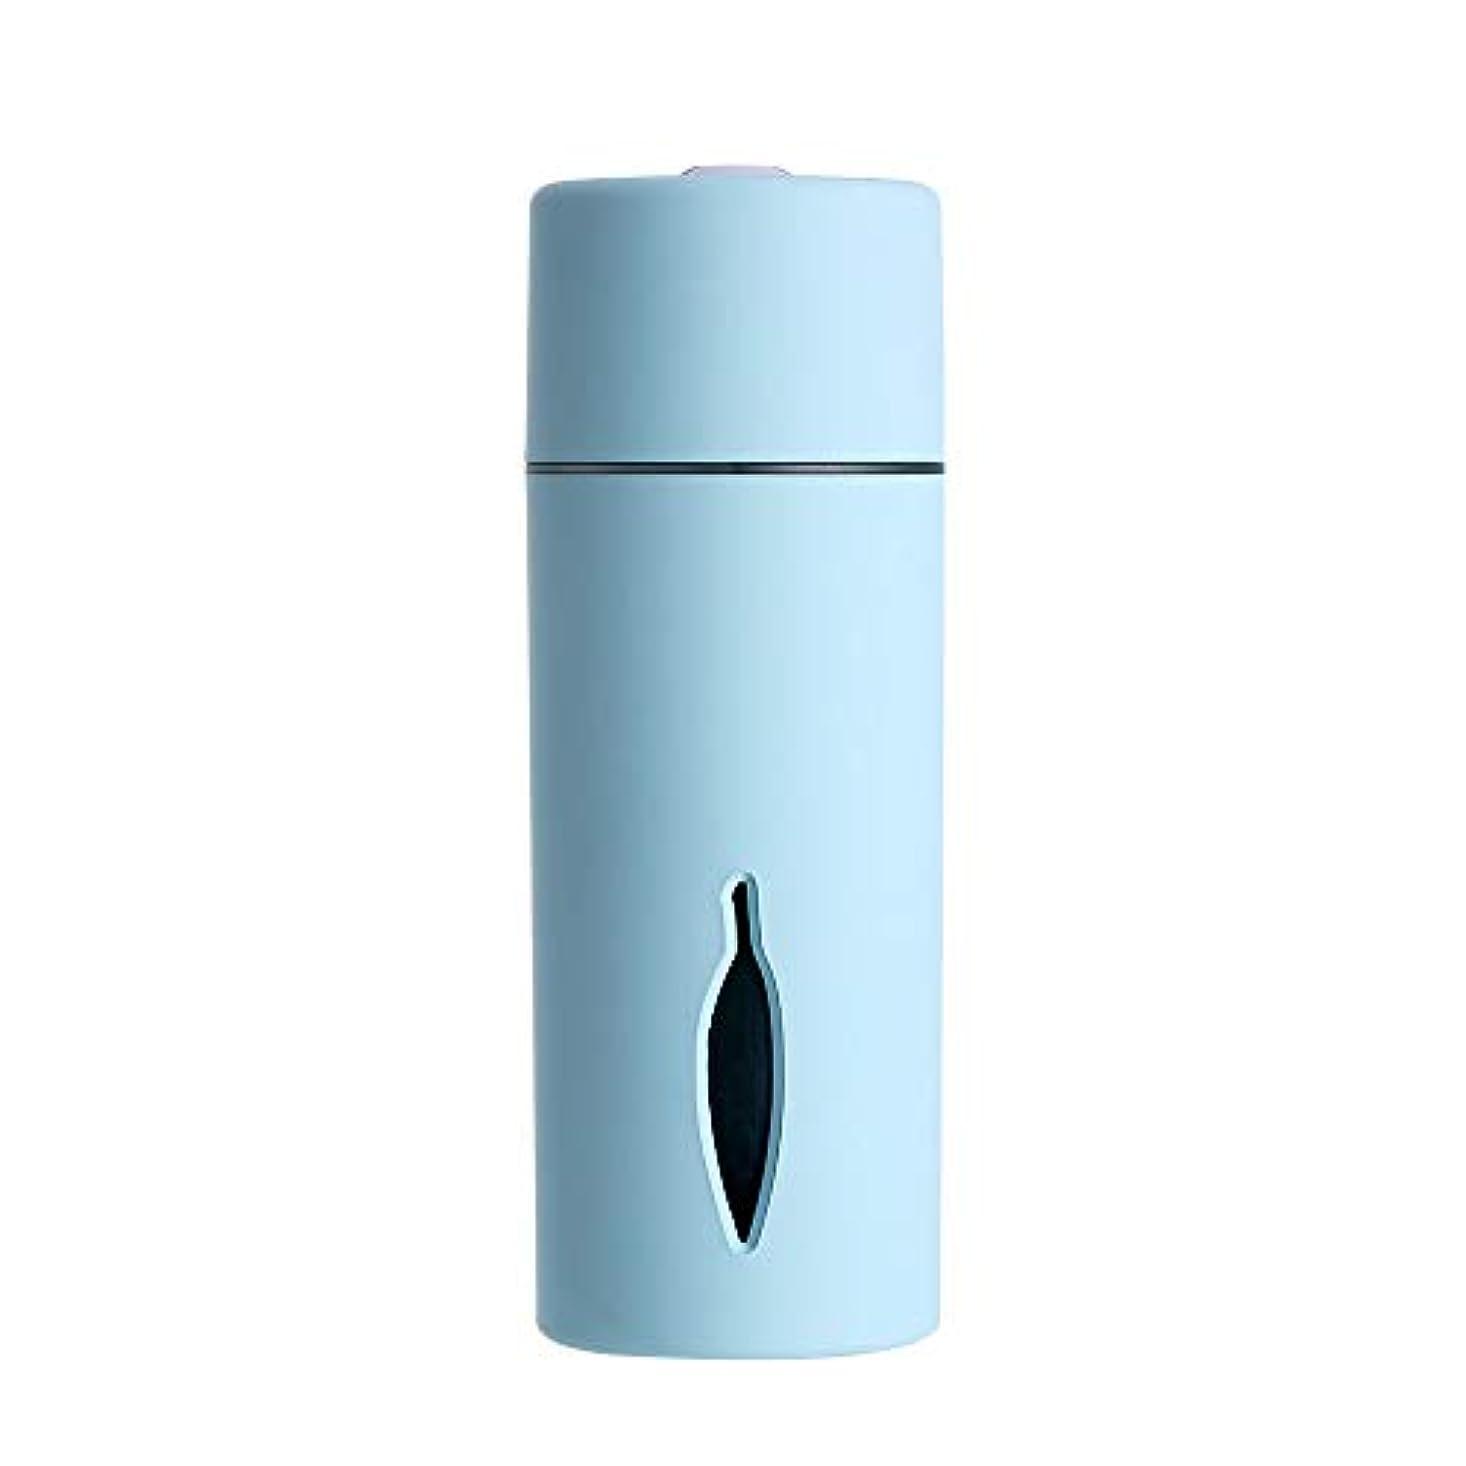 気まぐれな余韻テストZXF クリエイティブ新しいカラフルな夜の光の葉加湿器usb車のミニホームスプレー楽器水道メーターブルーセクションピンク 滑らかである (色 : Blue)